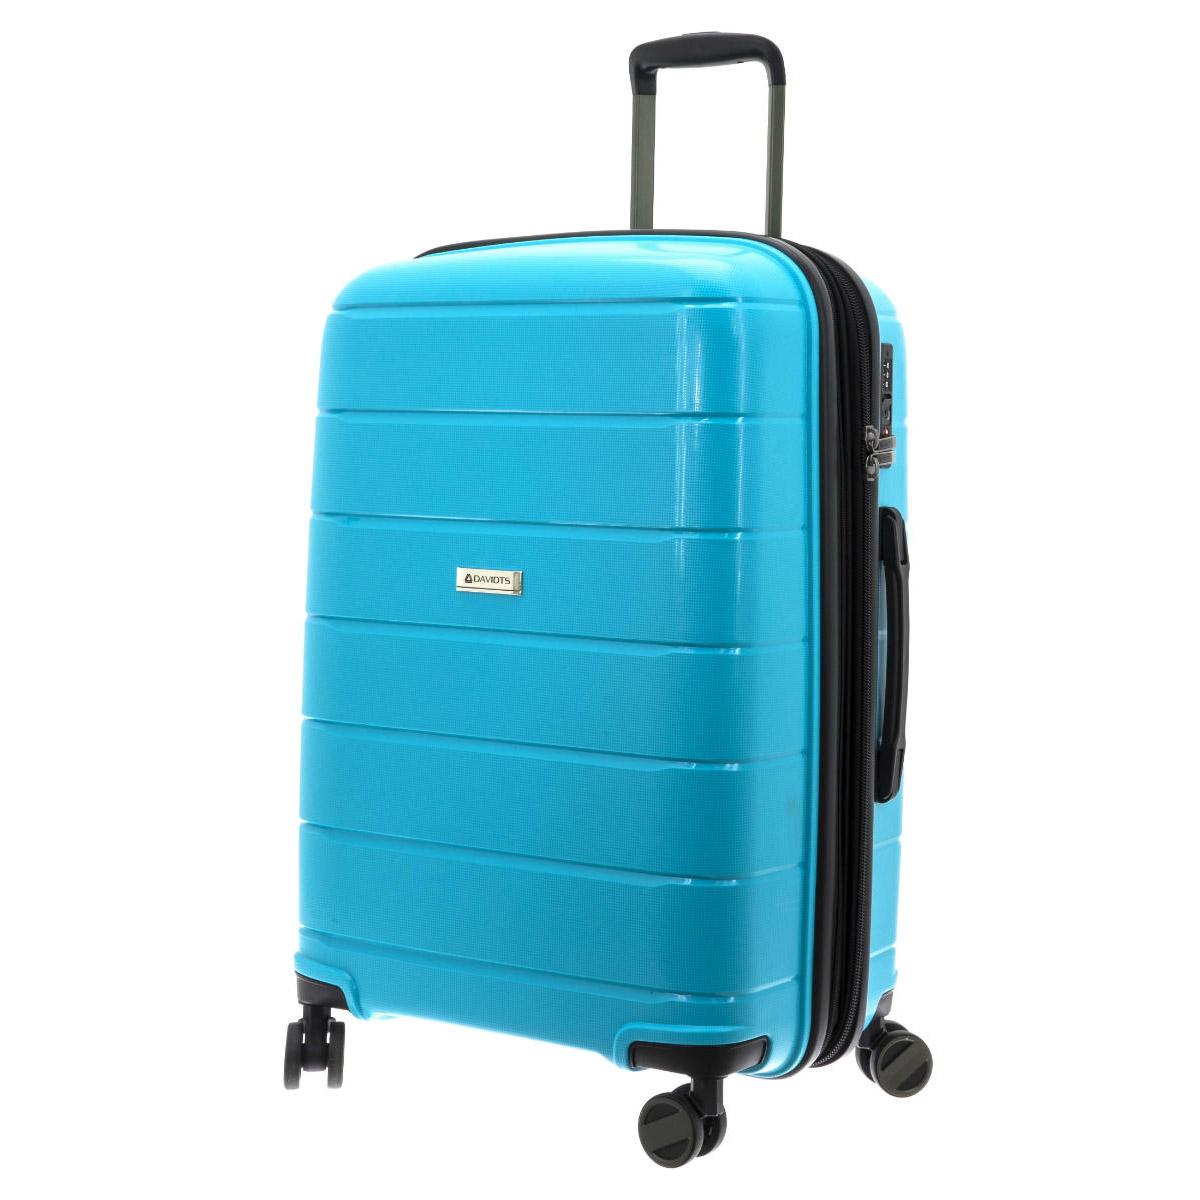 Valise trolley coque polypropylène \'Davidt\'s\' turquoise (soufflet extensible) - 66x45x26 cm - [Q3501]